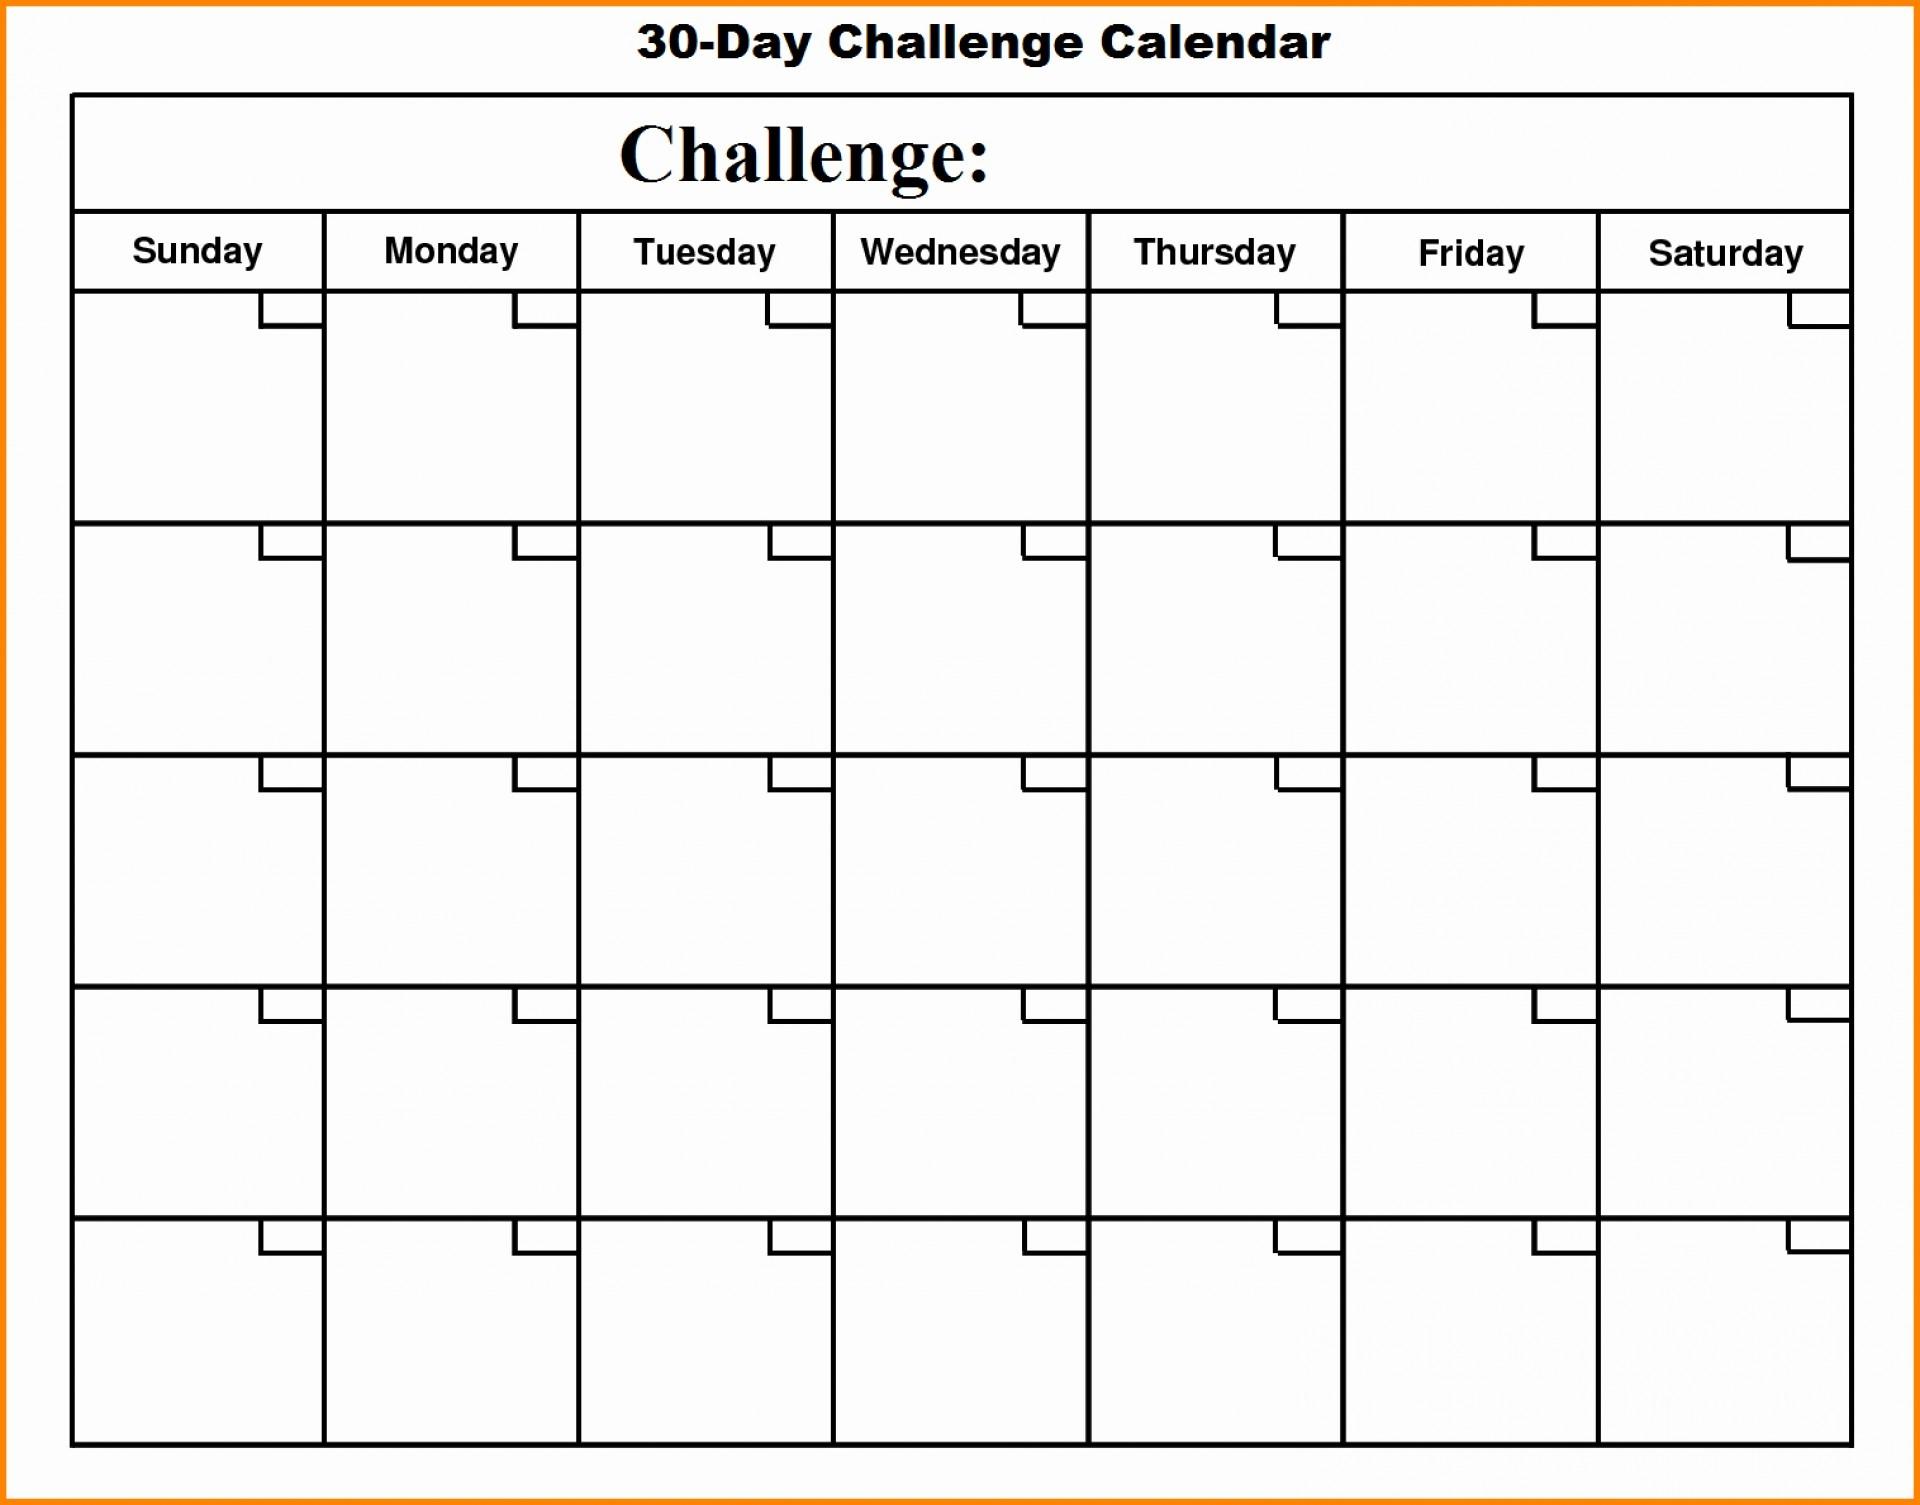 30 Day Calander | Calendar For Planning